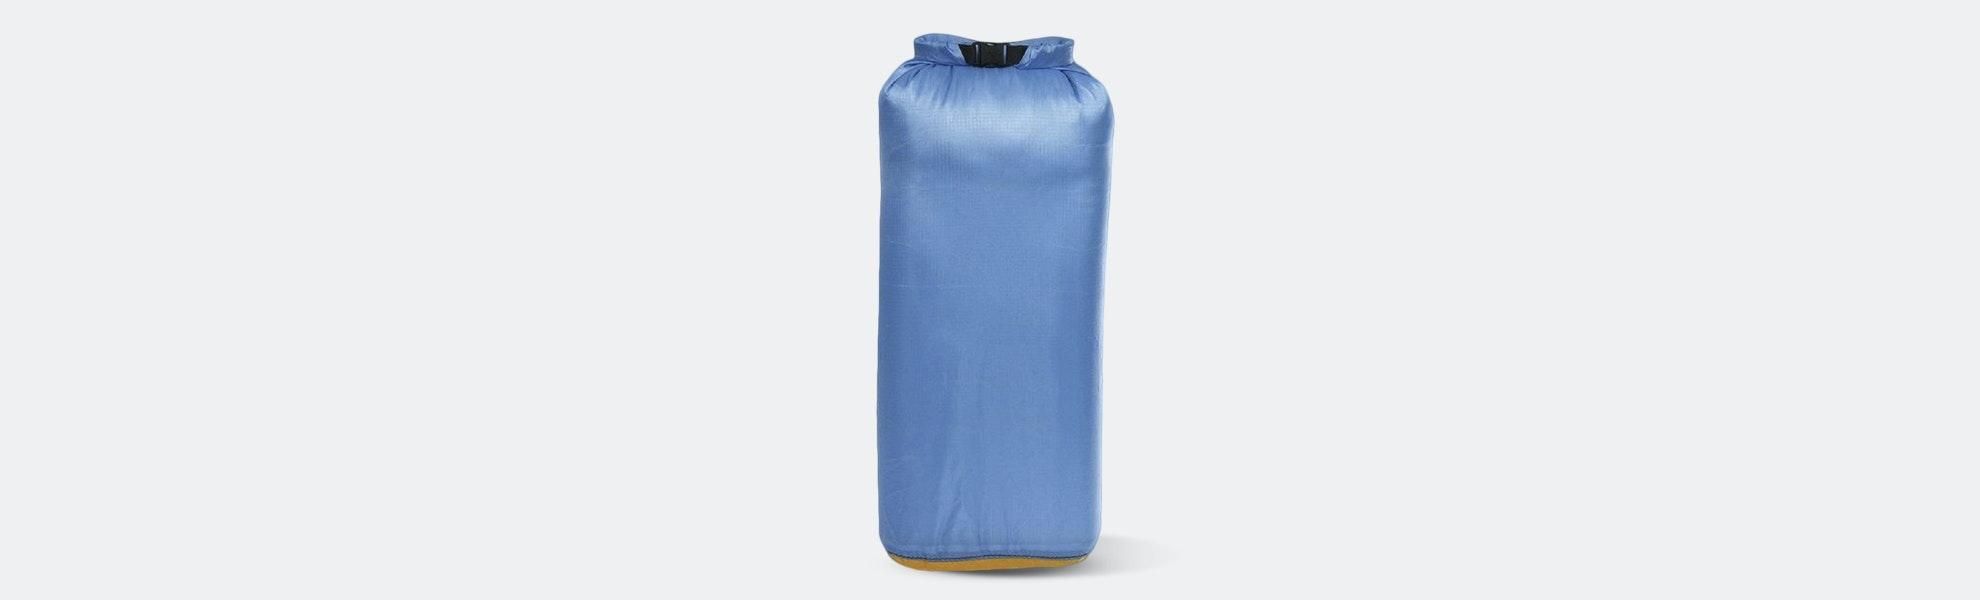 Granite Gear eVent Sil Drysacks (2-Pack)